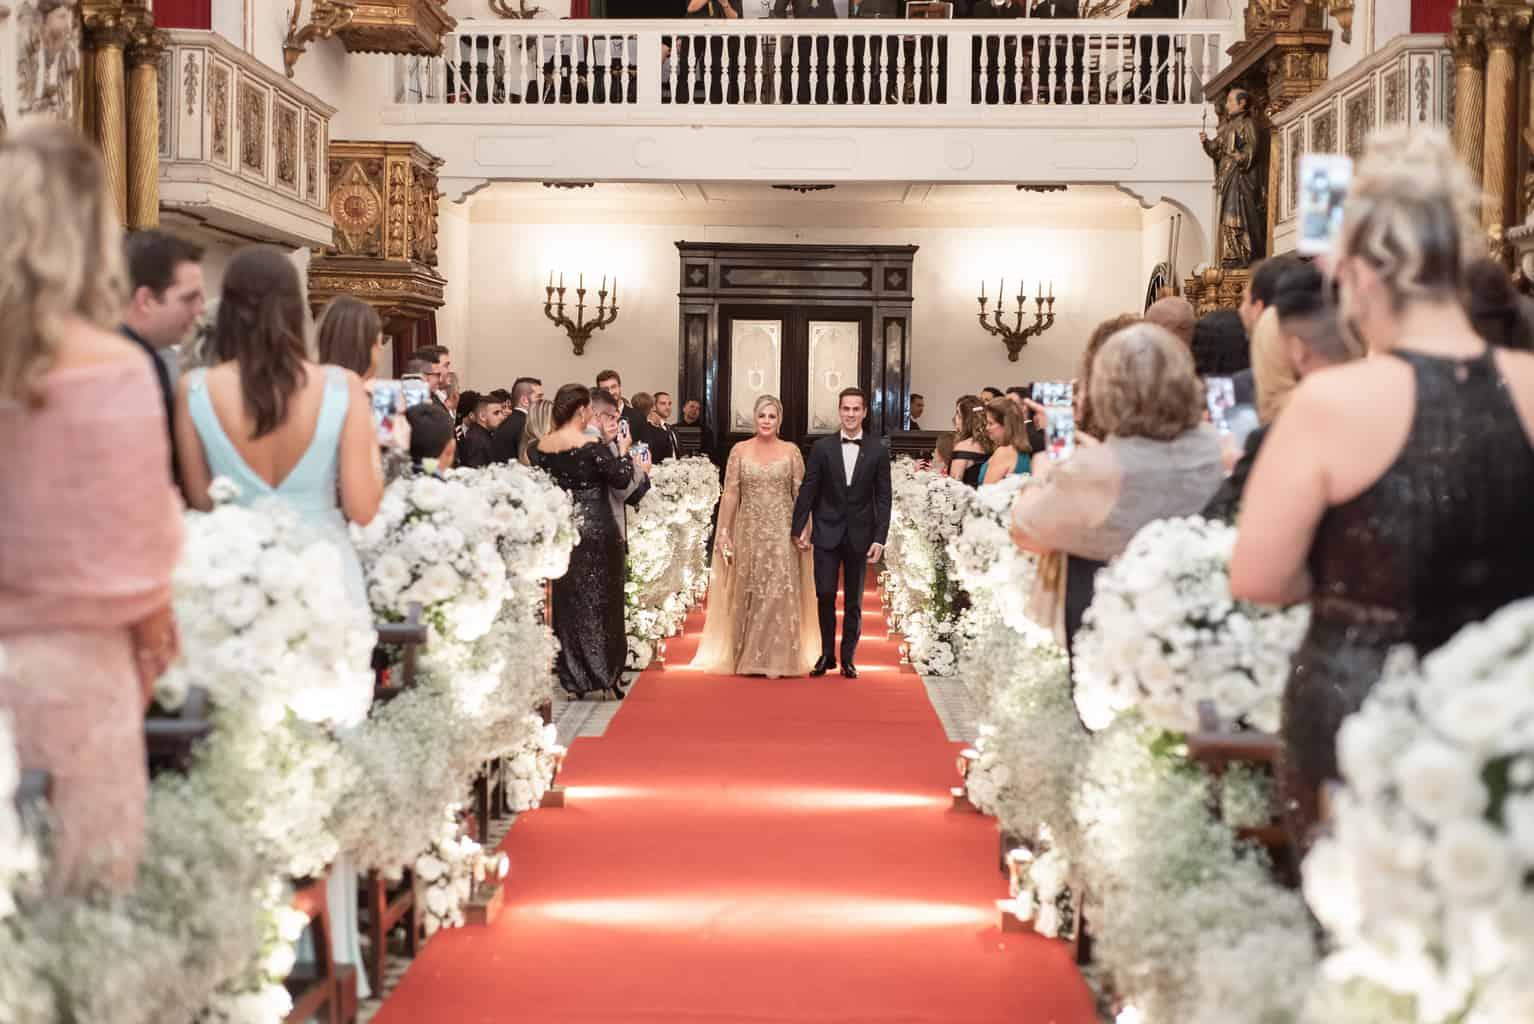 casamento-Patricia-e-Thiago-Igreja-Nossa-Senhora-do-Bonsucesso-Paula-Rocha-Marina-Fava-Cerimonia0679-Patricia-e-Thiago-WAL_3515